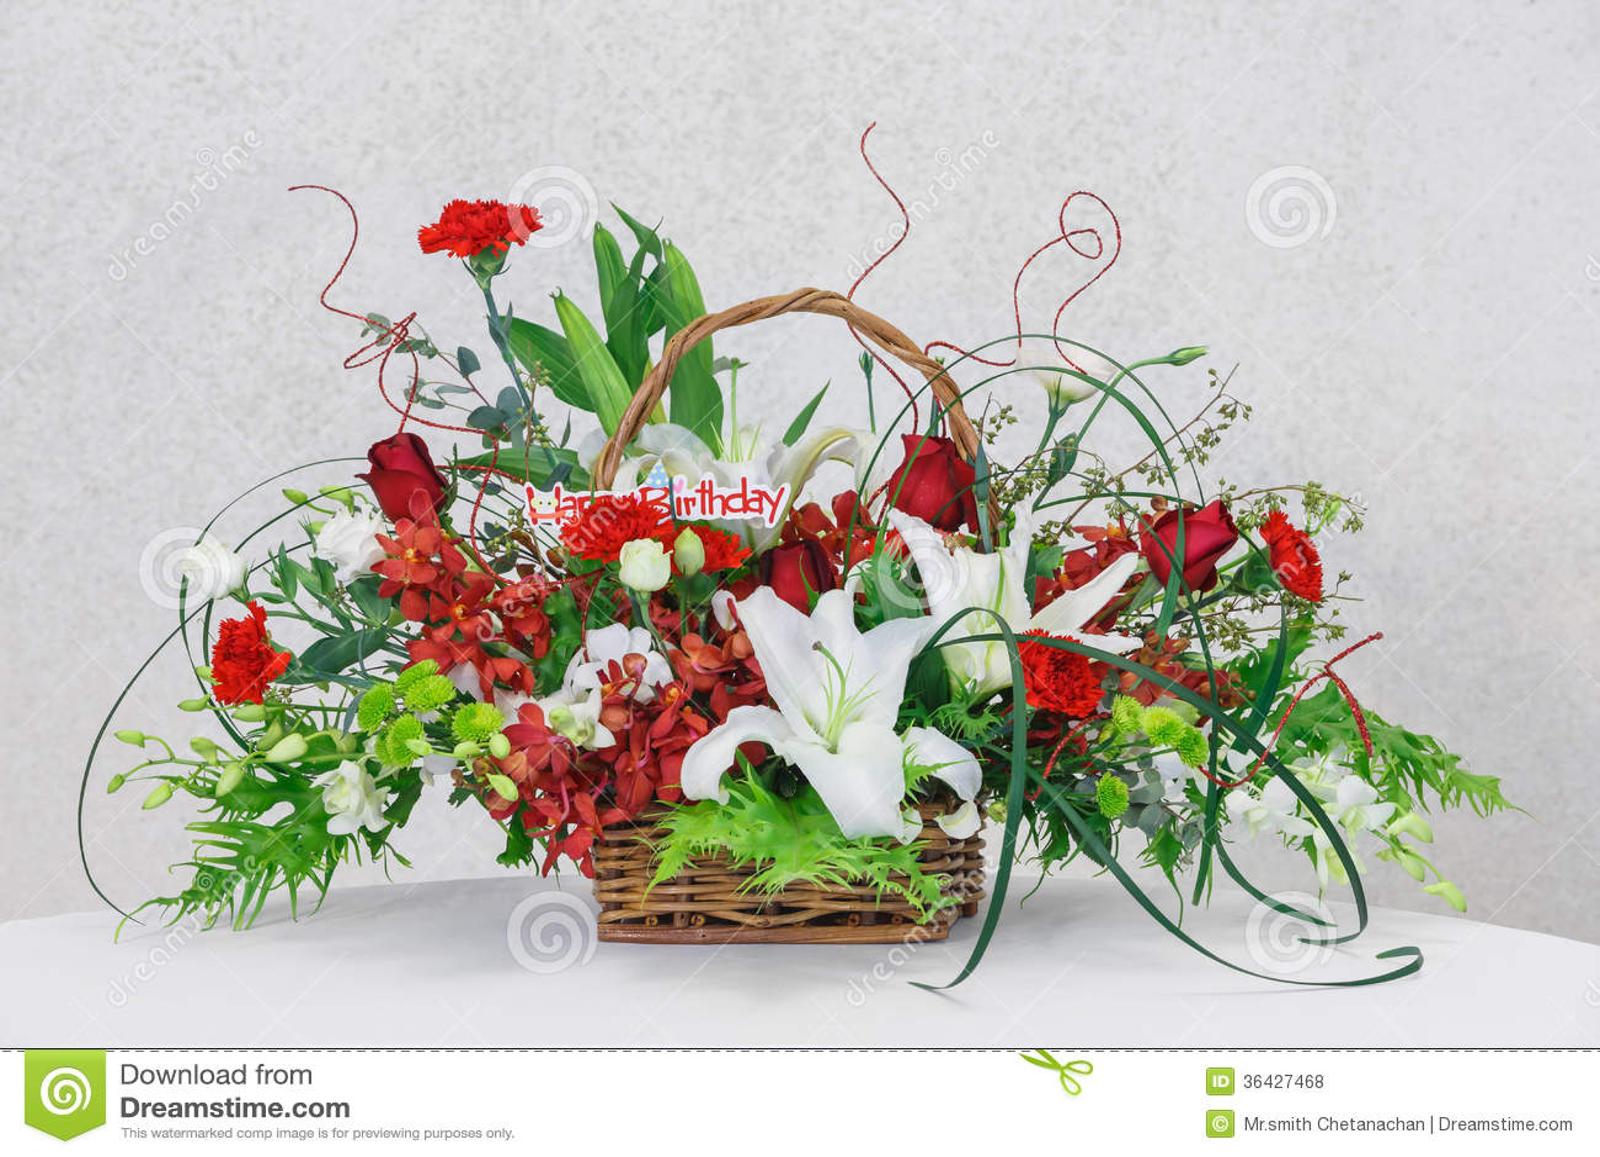 Panier De Fleurs Fraîches : Bouquet de fleur dans le panier en osier photo stock